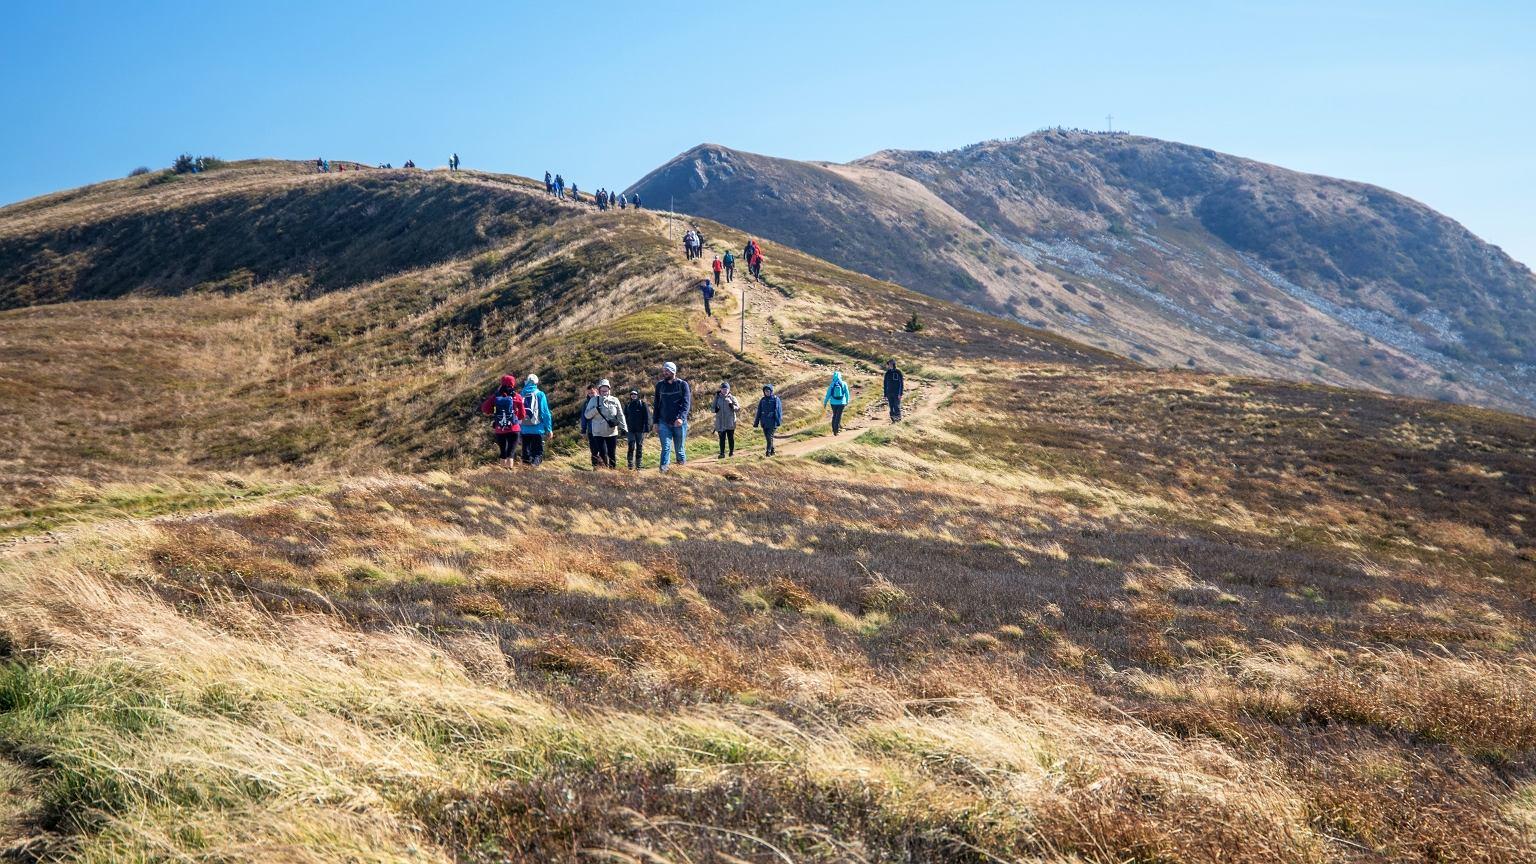 Z każdym rokiem wzrasta liczba turystów odwiedzających Bieszczady